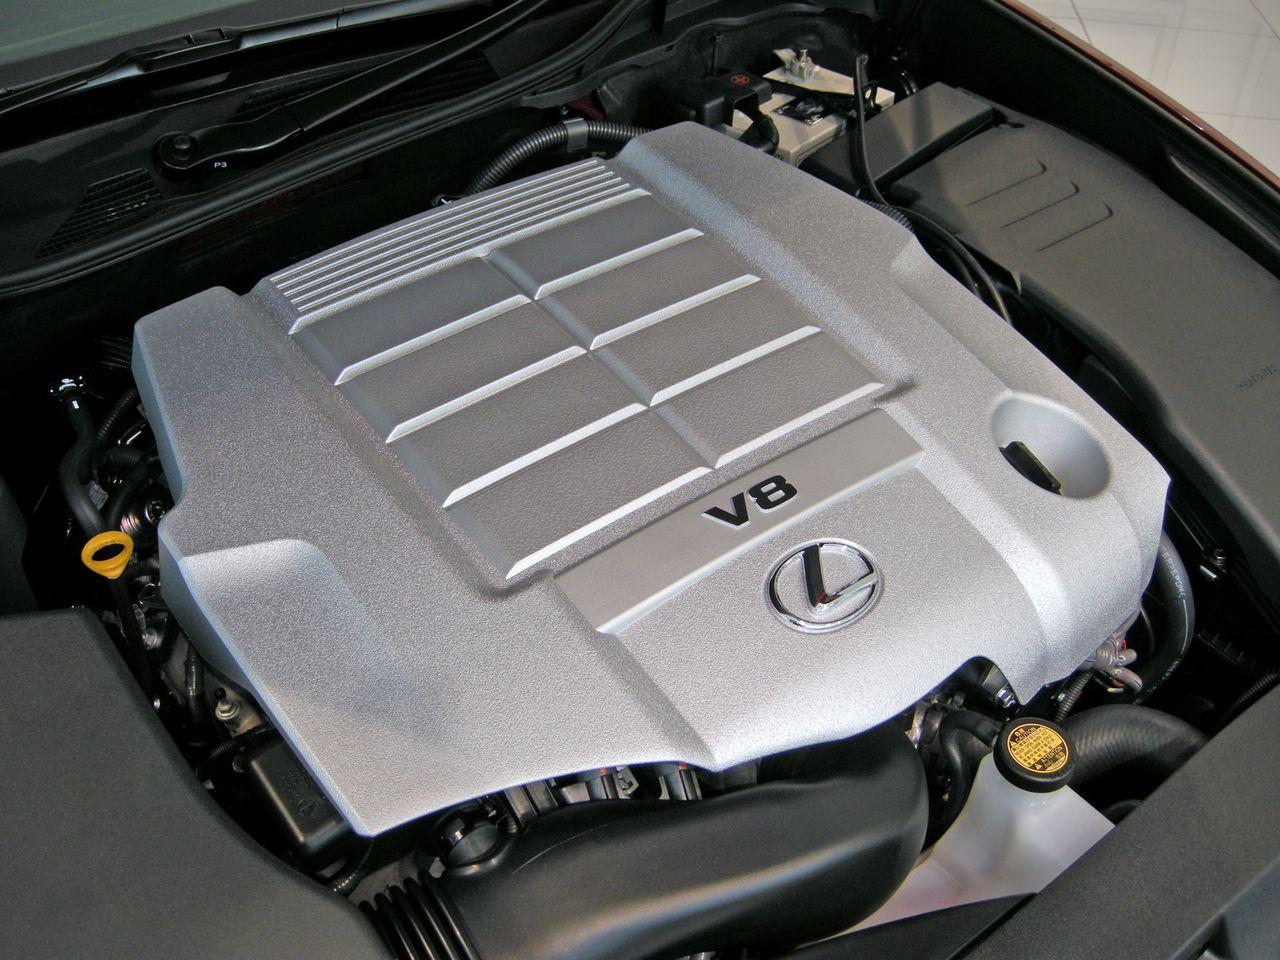 Toyota har slutat utveckla V8:or